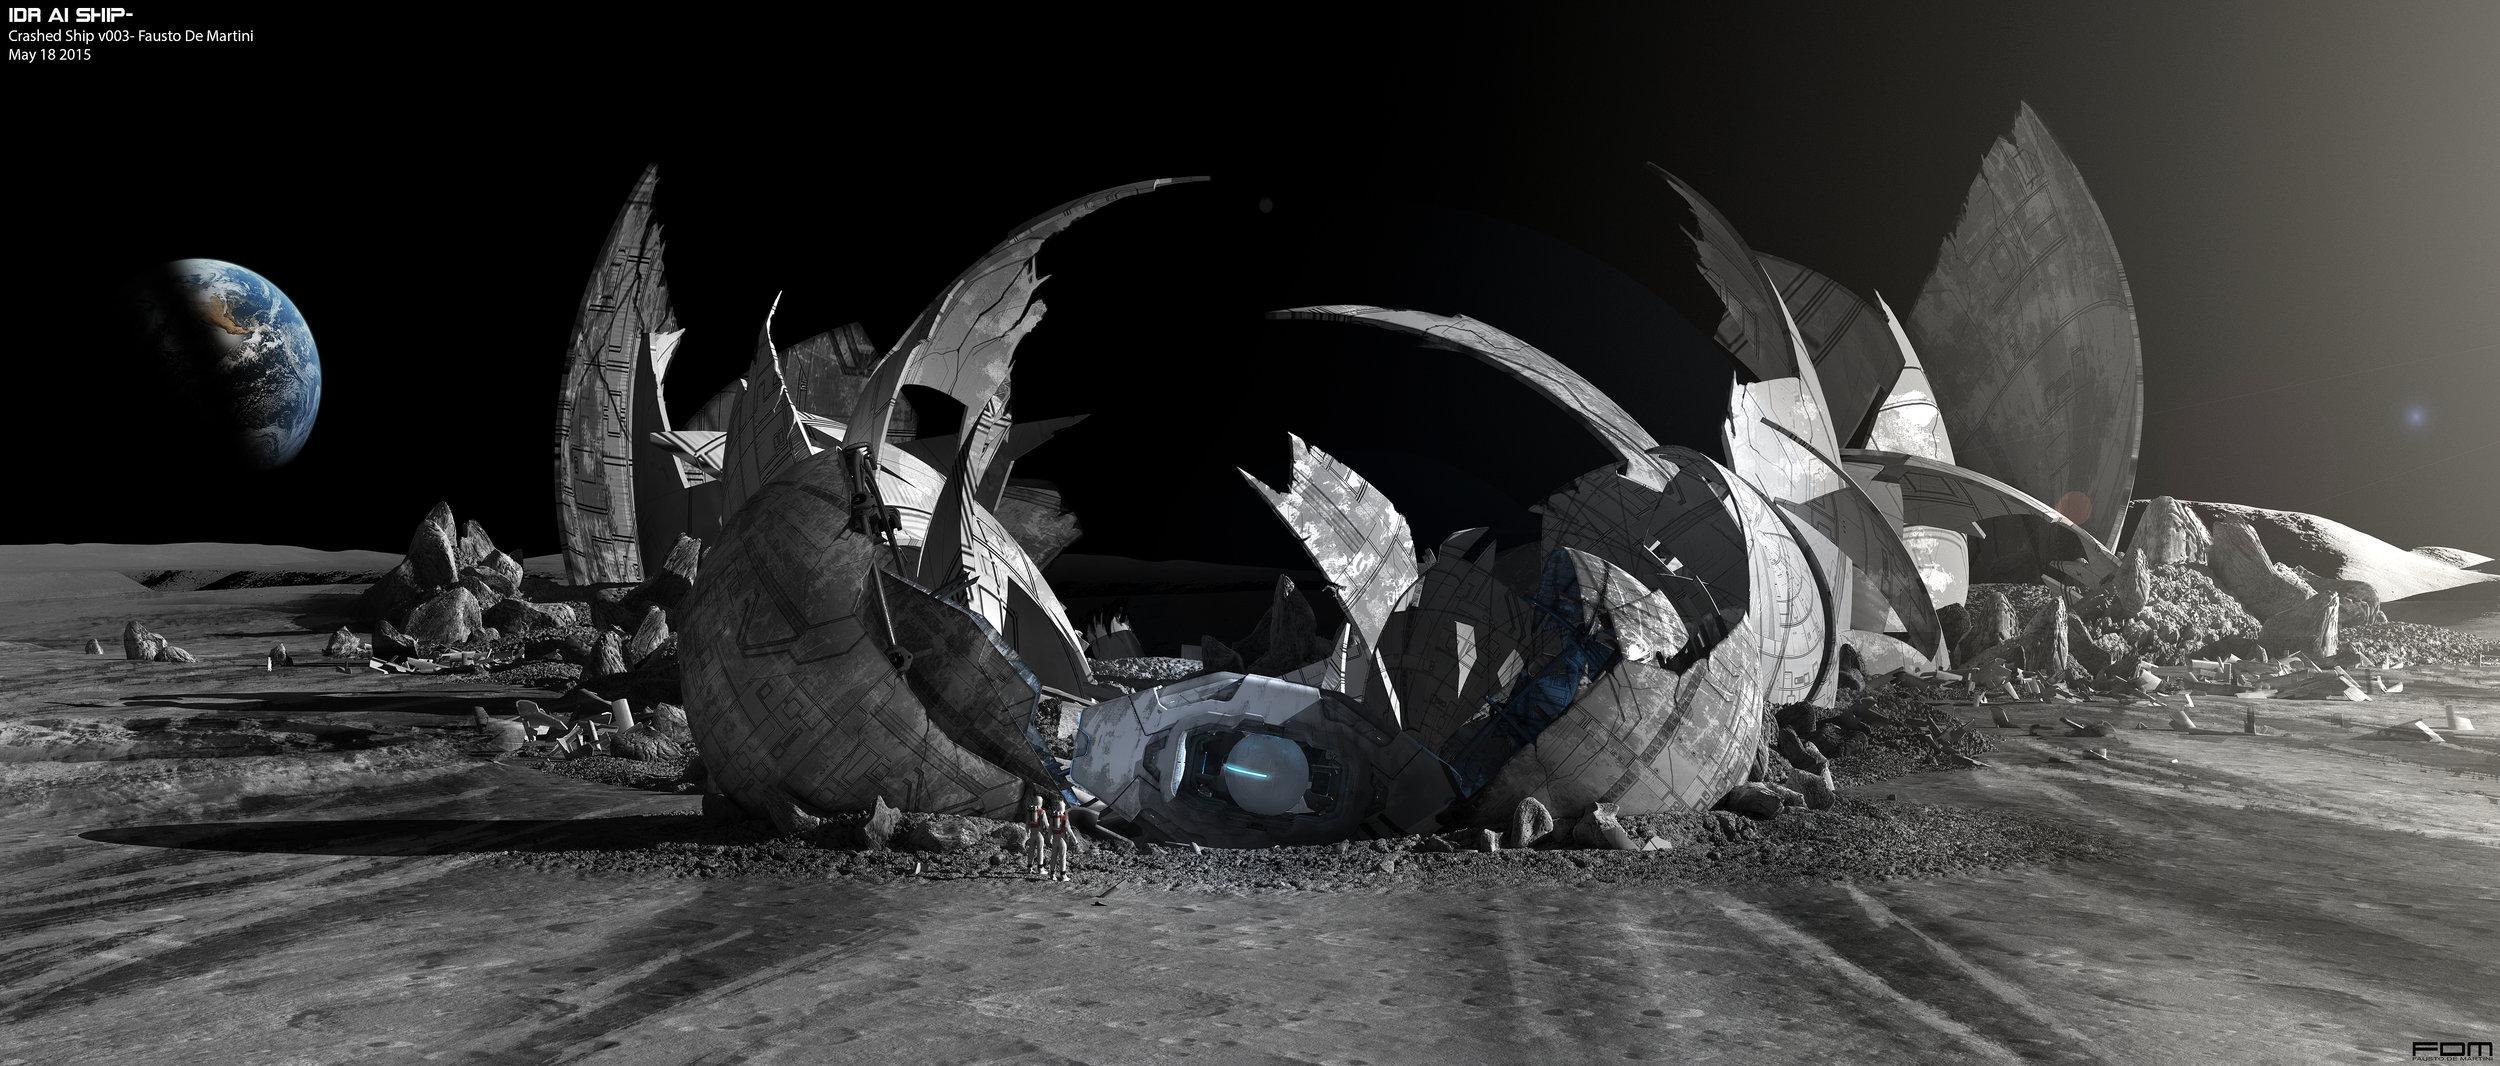 AlienShip_CrashSite_v003_Wide_001.jpg